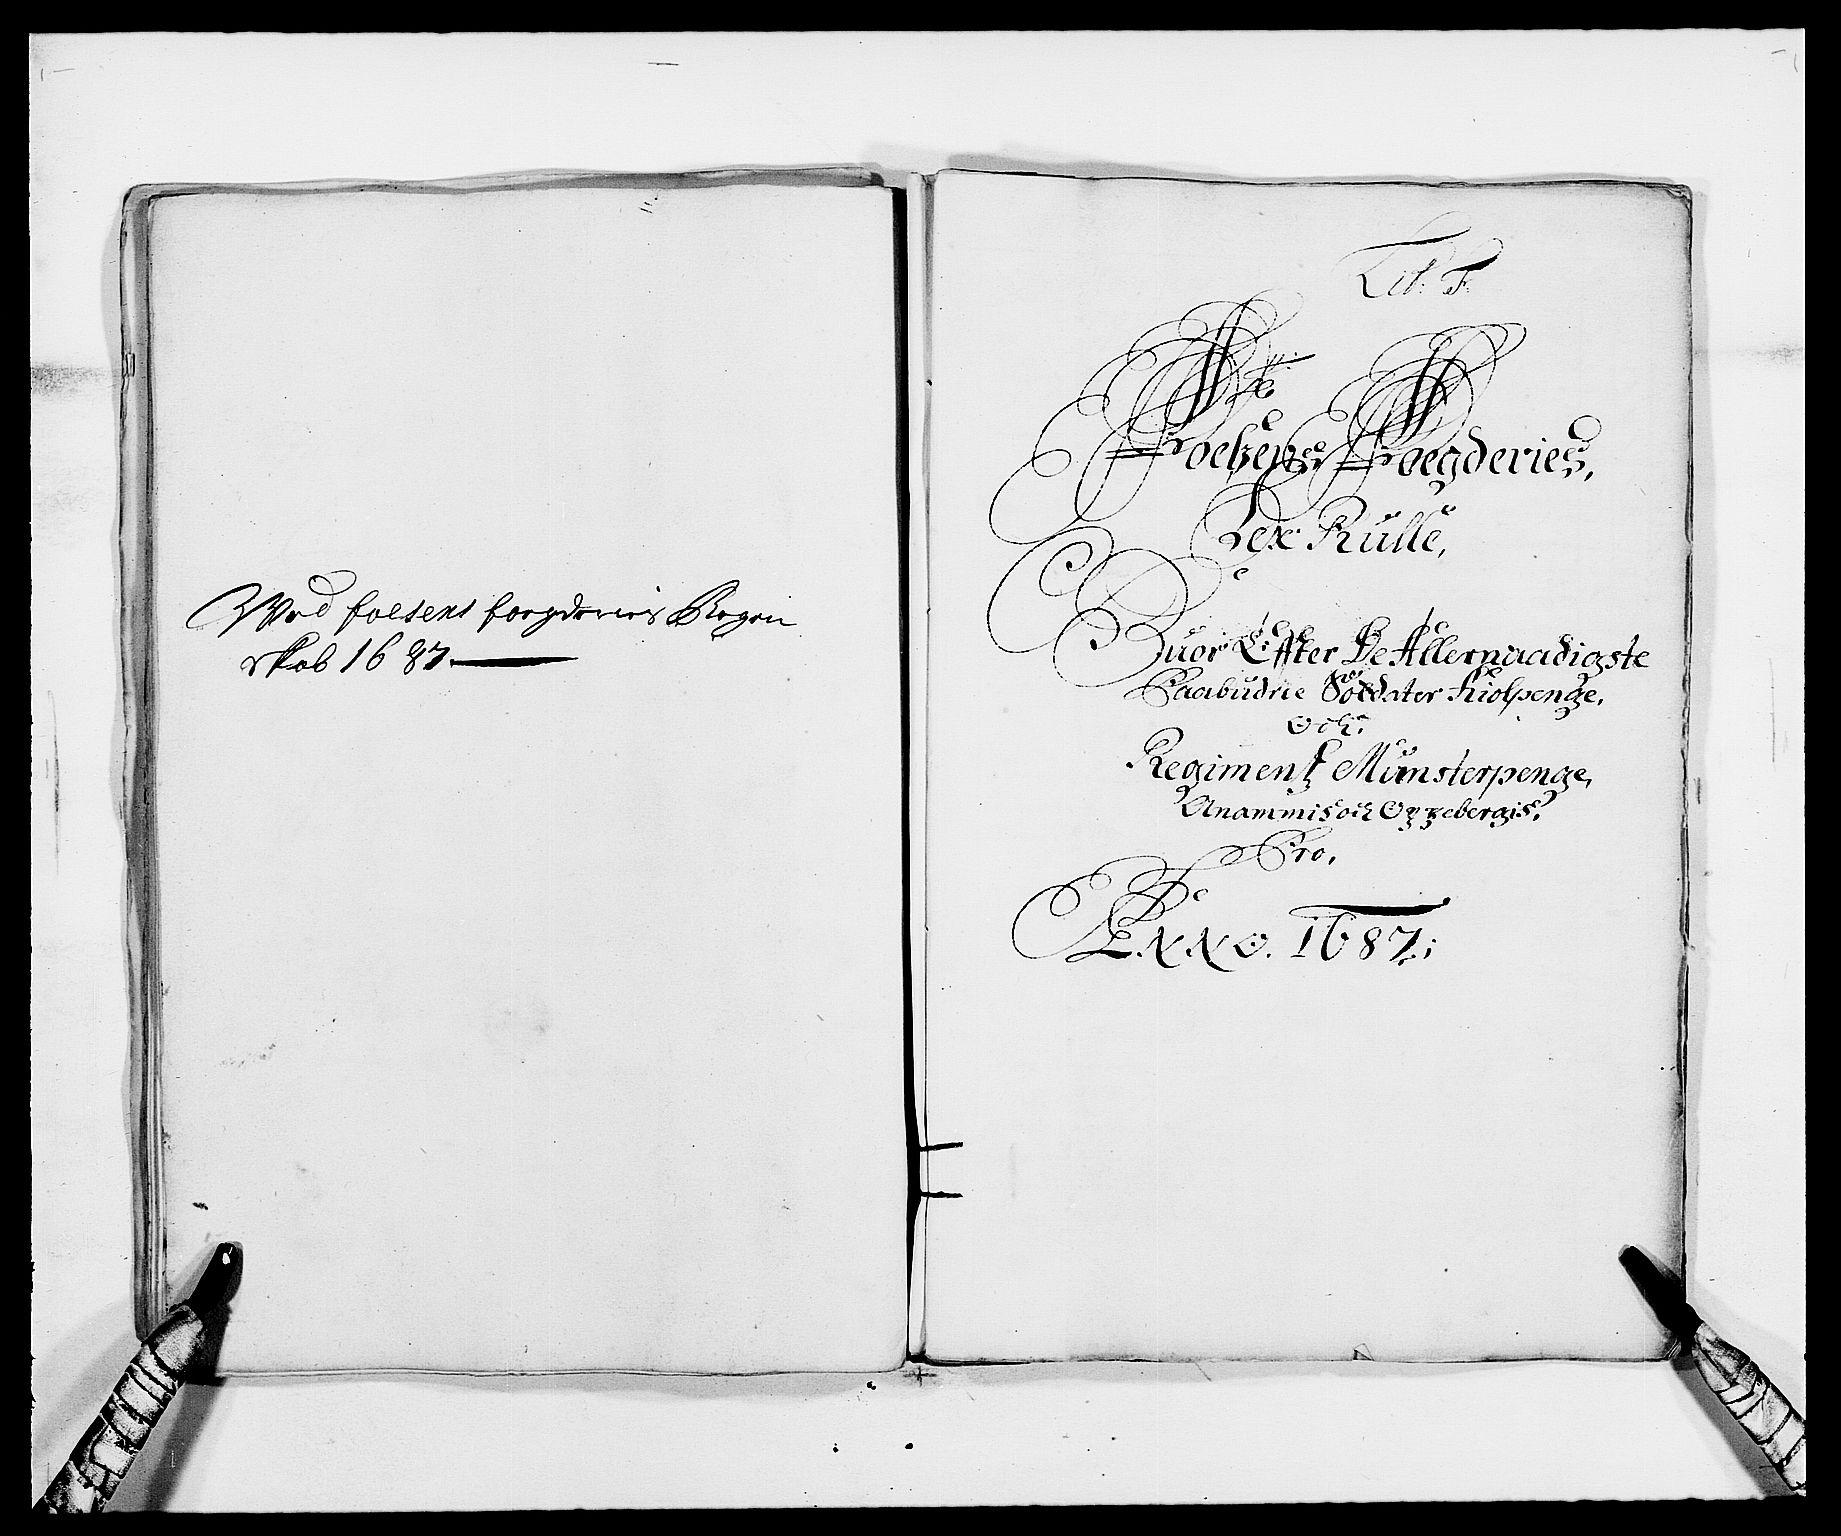 RA, Rentekammeret inntil 1814, Reviderte regnskaper, Fogderegnskap, R57/L3845: Fogderegnskap Fosen, 1687, s. 54